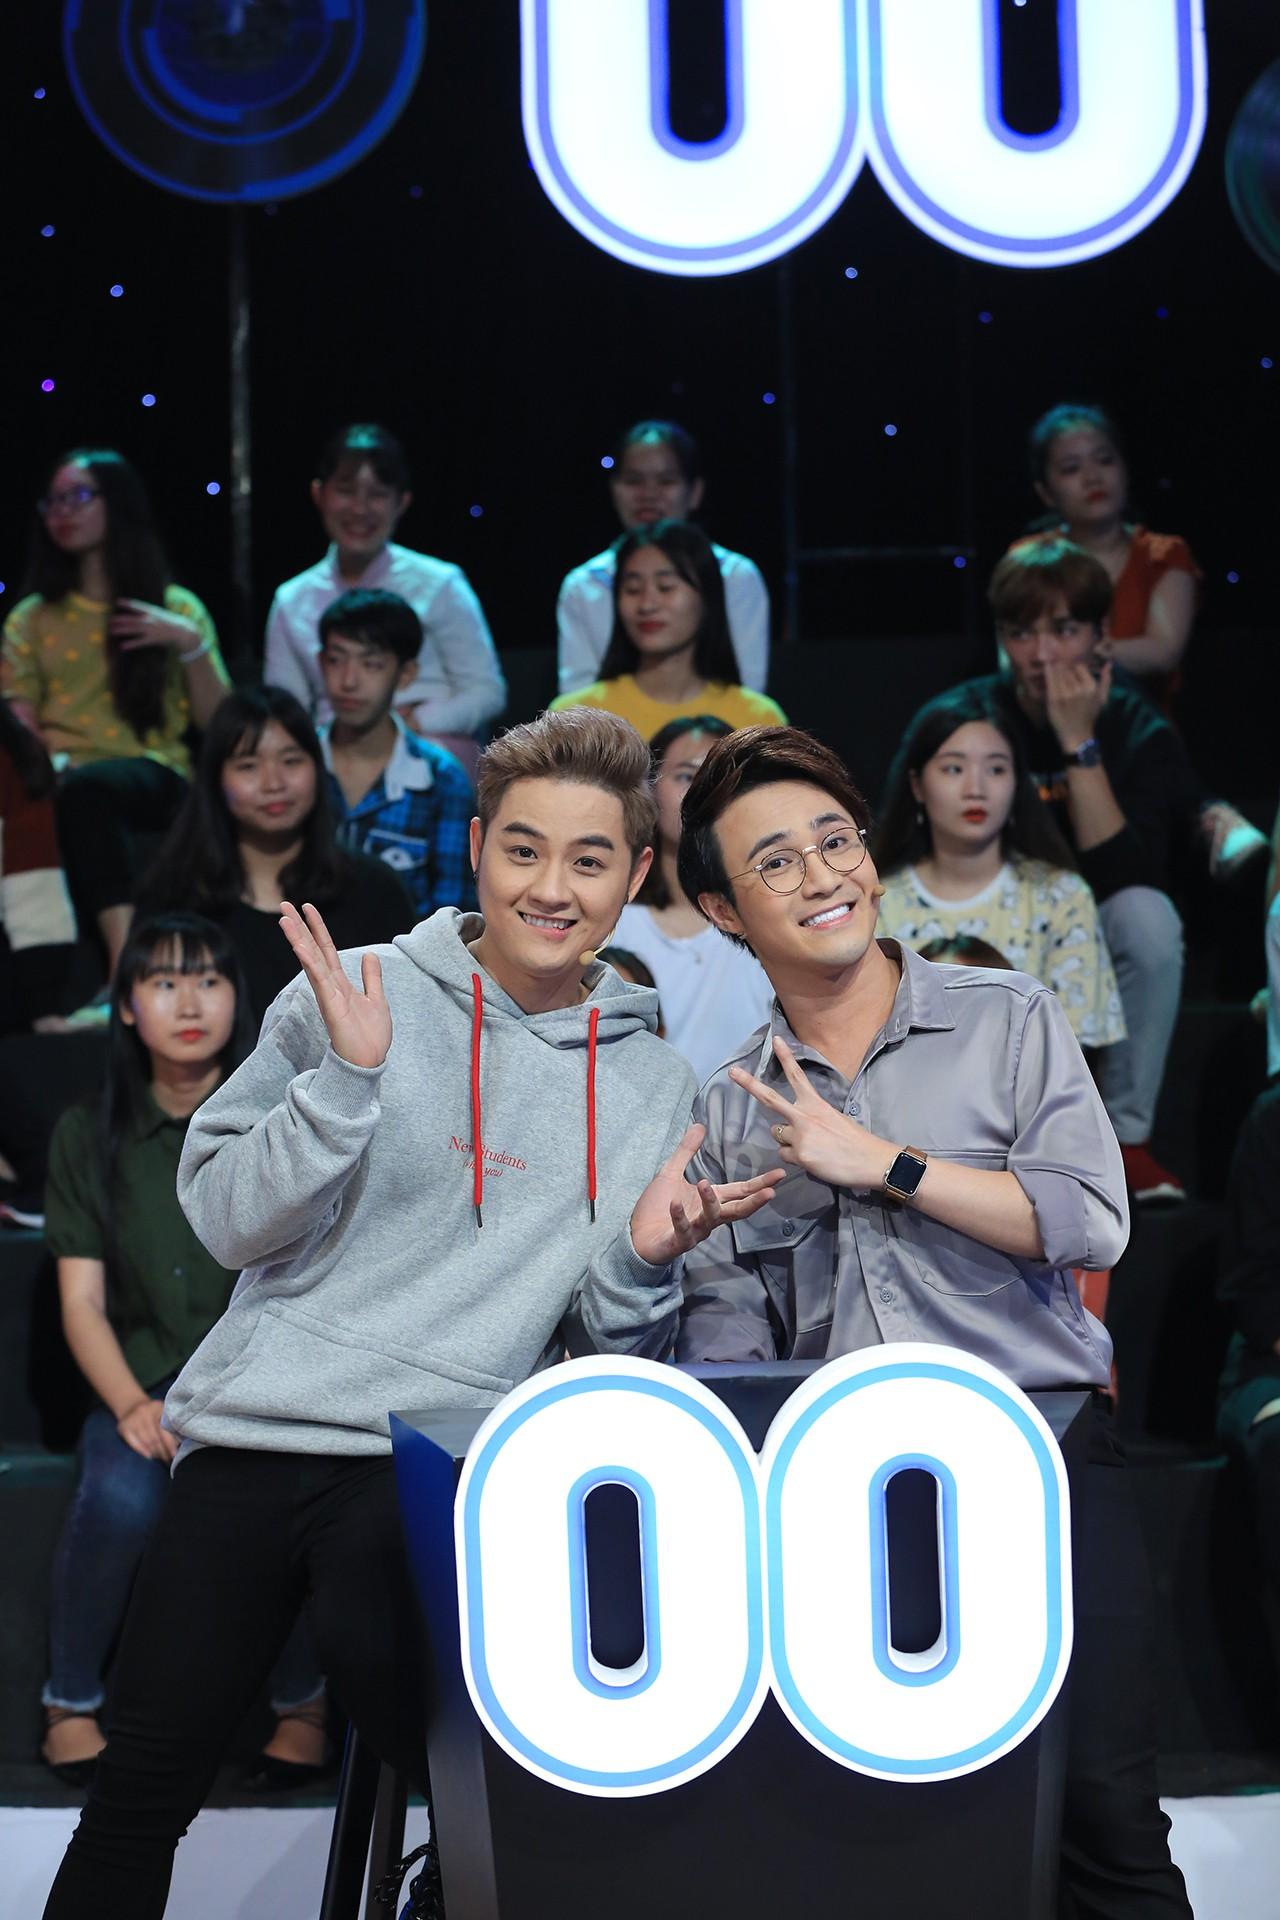 NSND Hồng Vân tổn thương khi được MC Lại Văn Sâm khen là... đẹp lão - Ảnh 8.